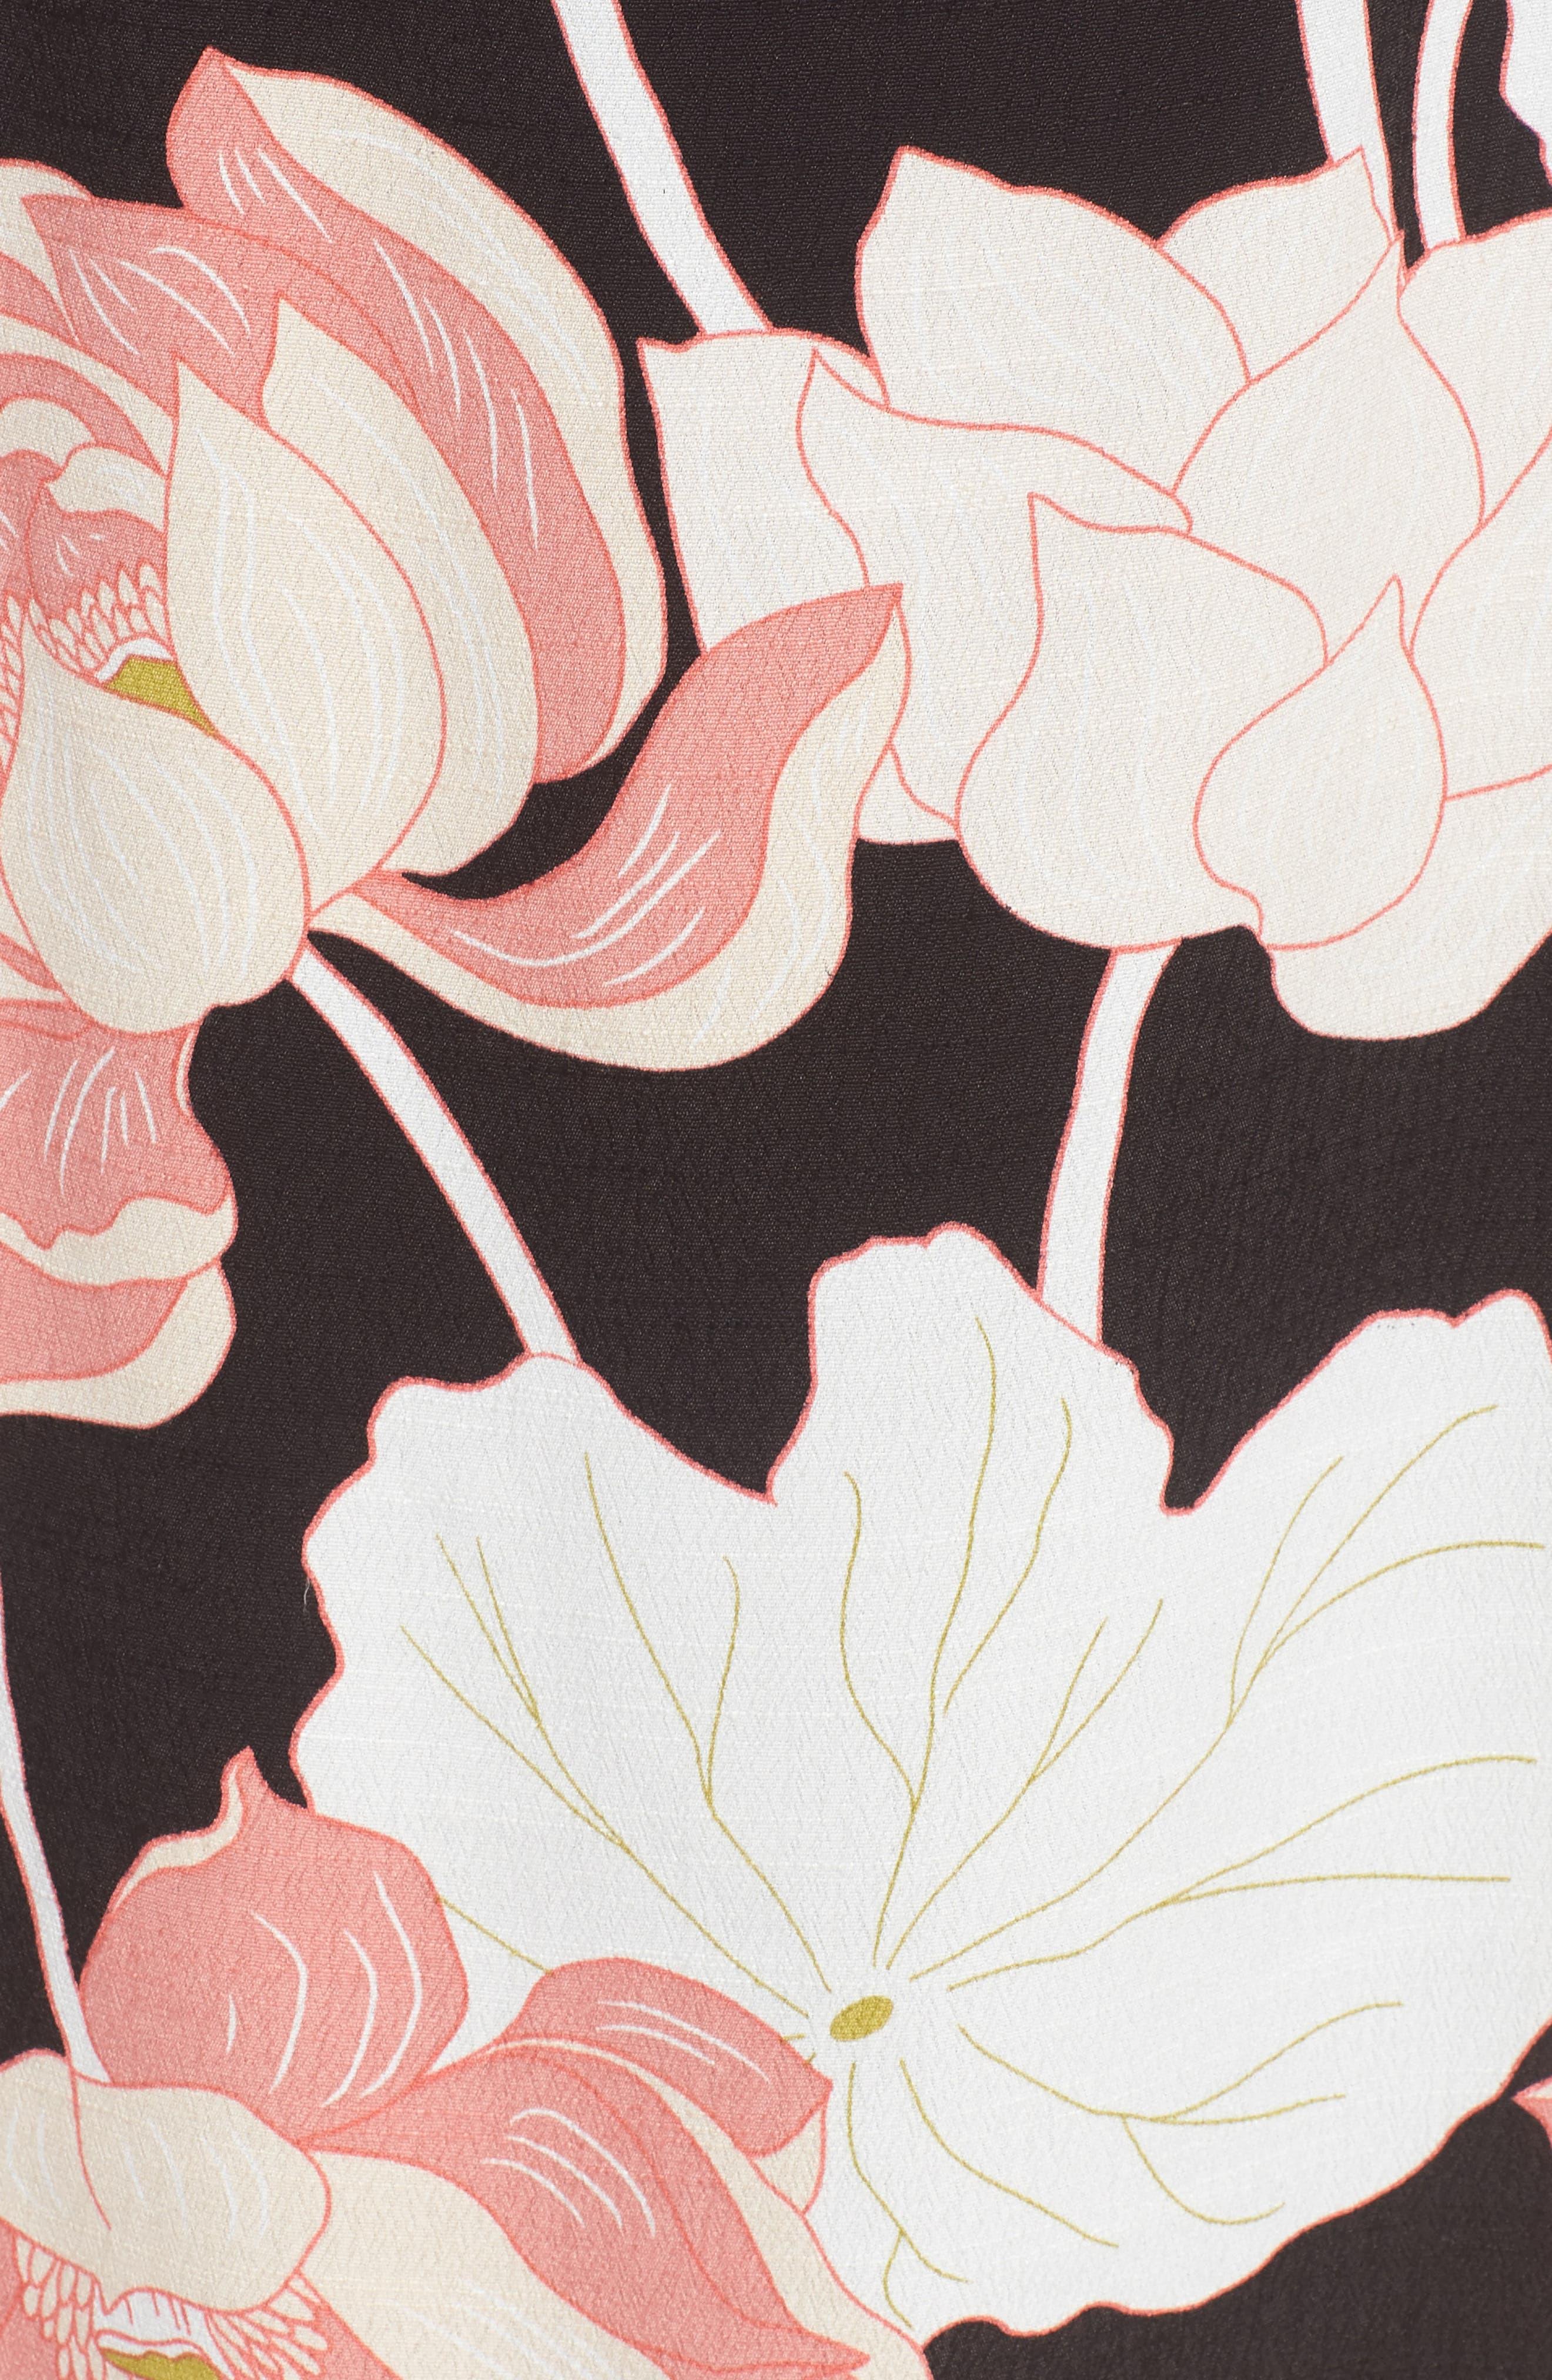 Chayene Water Lilies Wrap Dress,                             Alternate thumbnail 5, color,                             BLACK